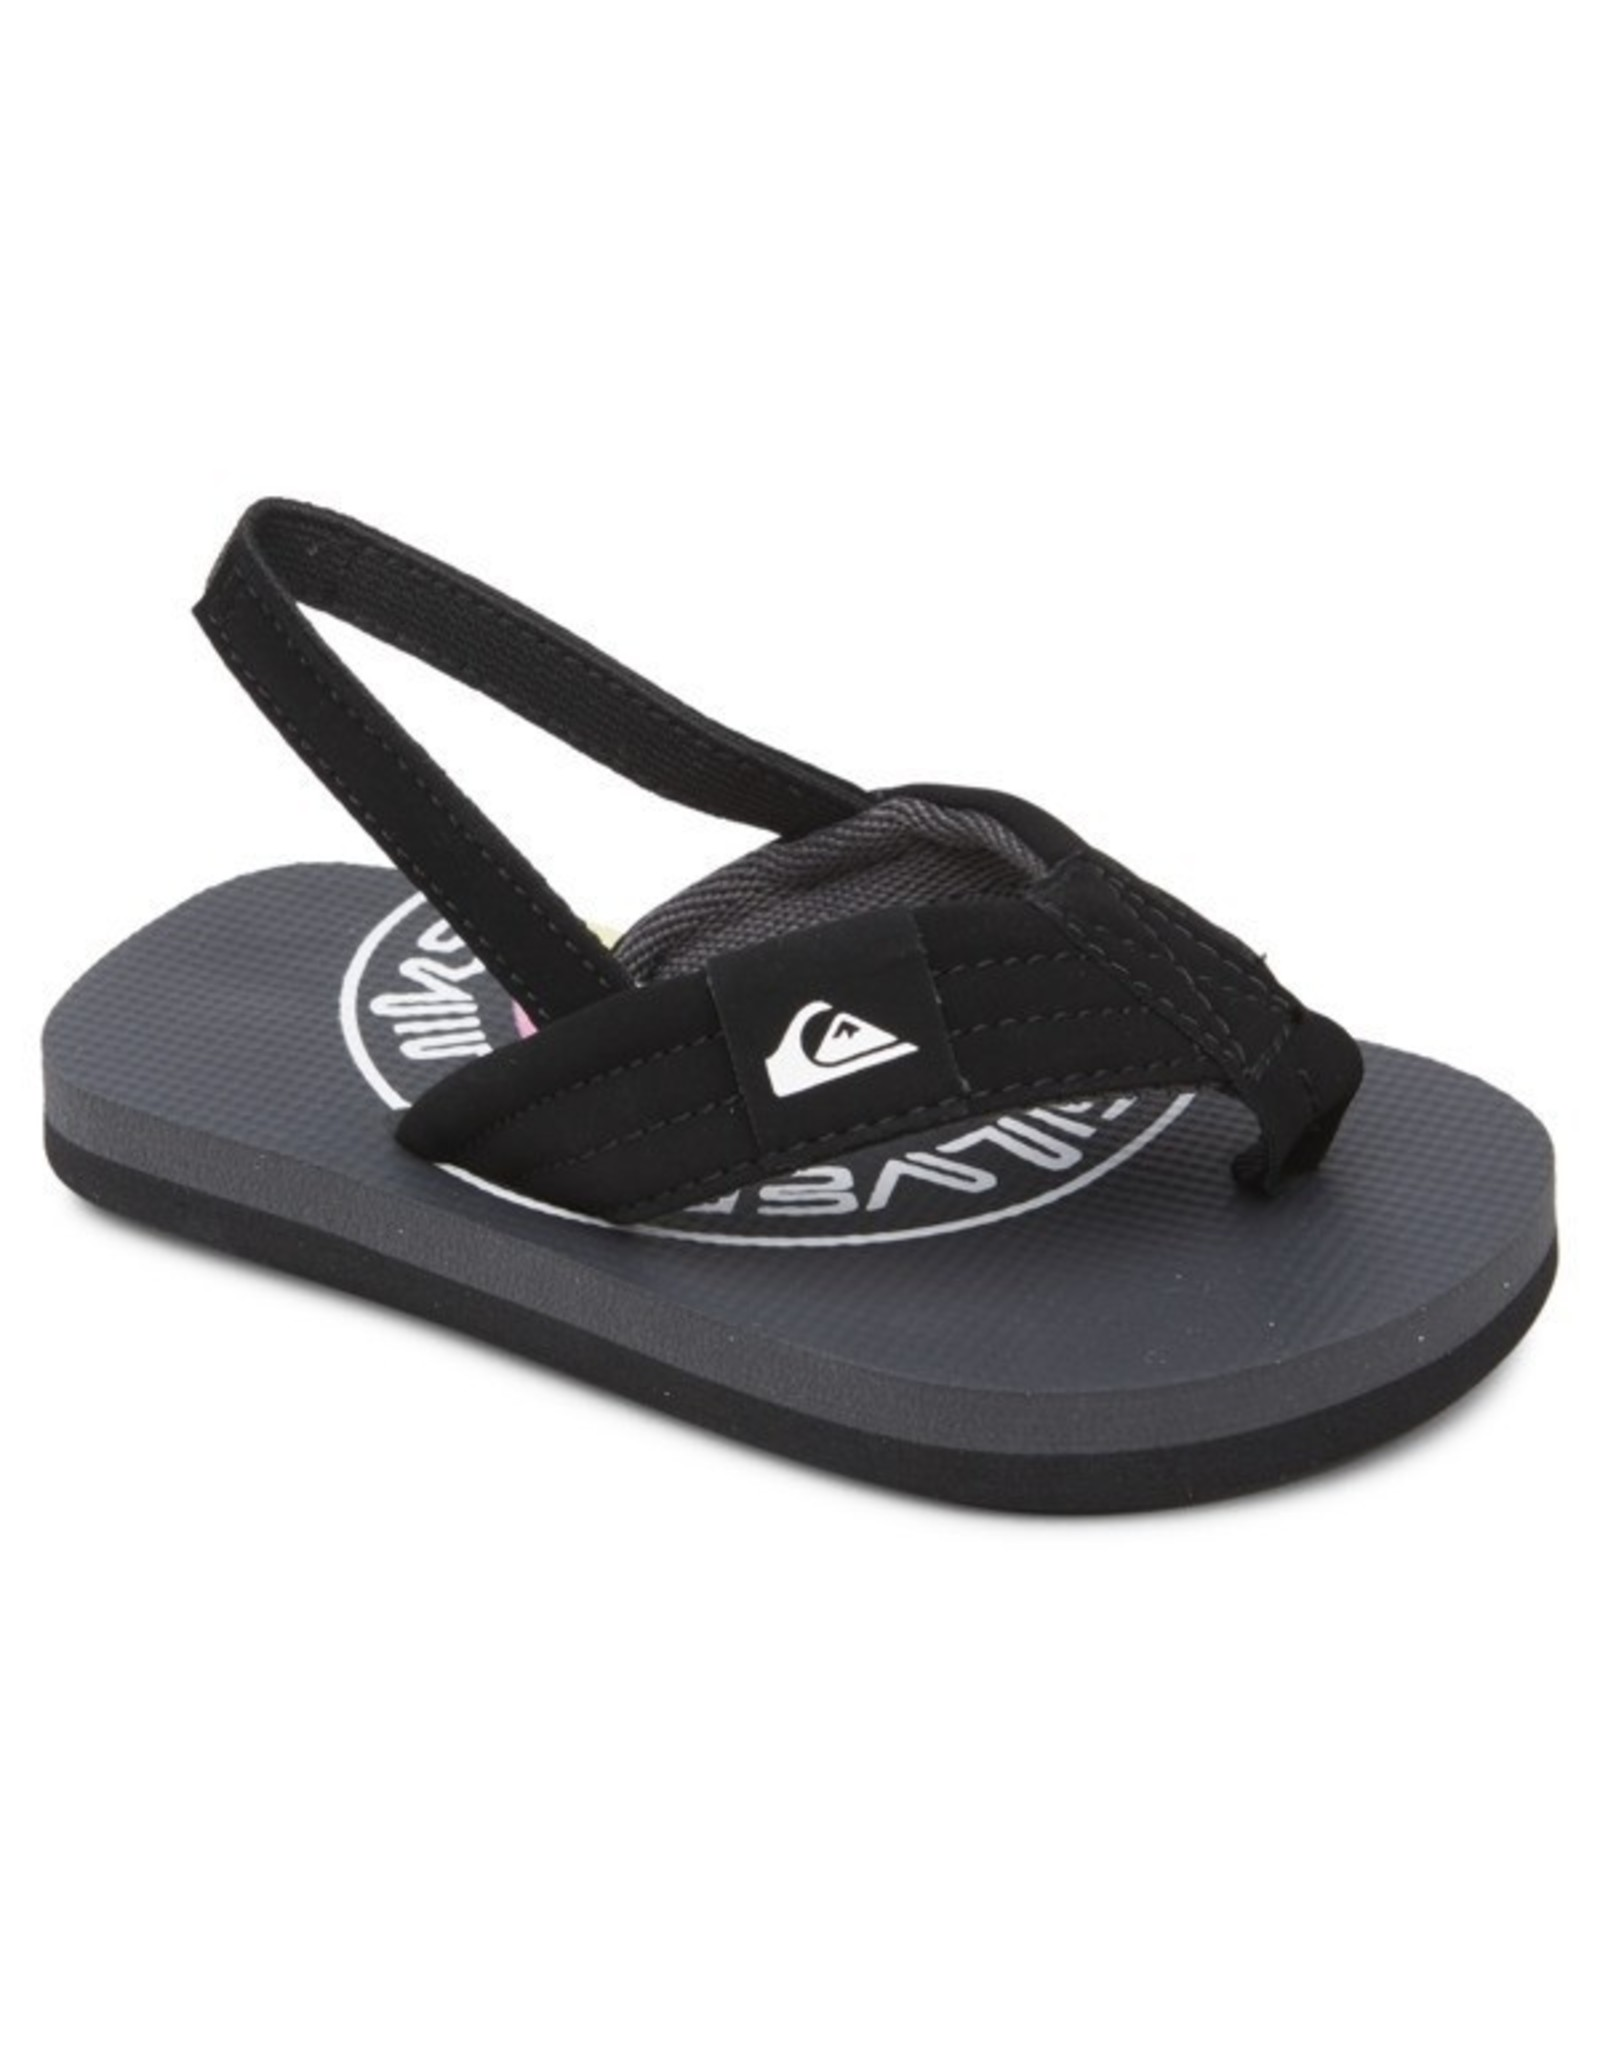 Quiksilver SP21 T Mololayback Sandal Black